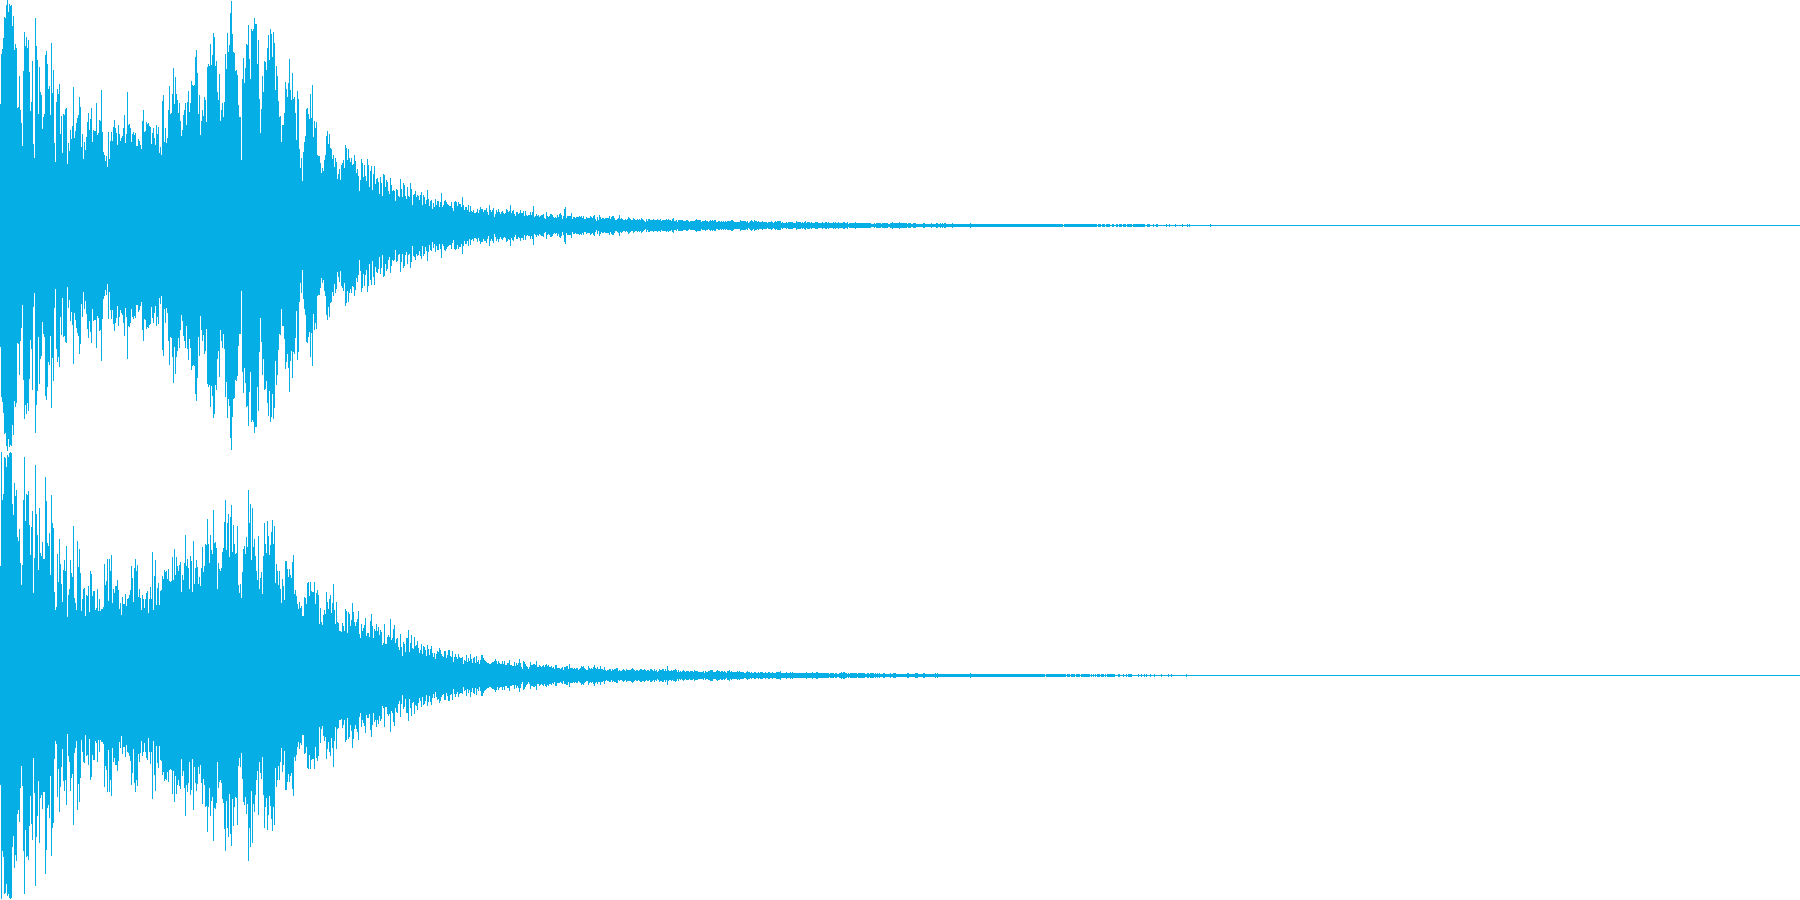 ロボット 合体 ガシーン キュイン 01の再生済みの波形